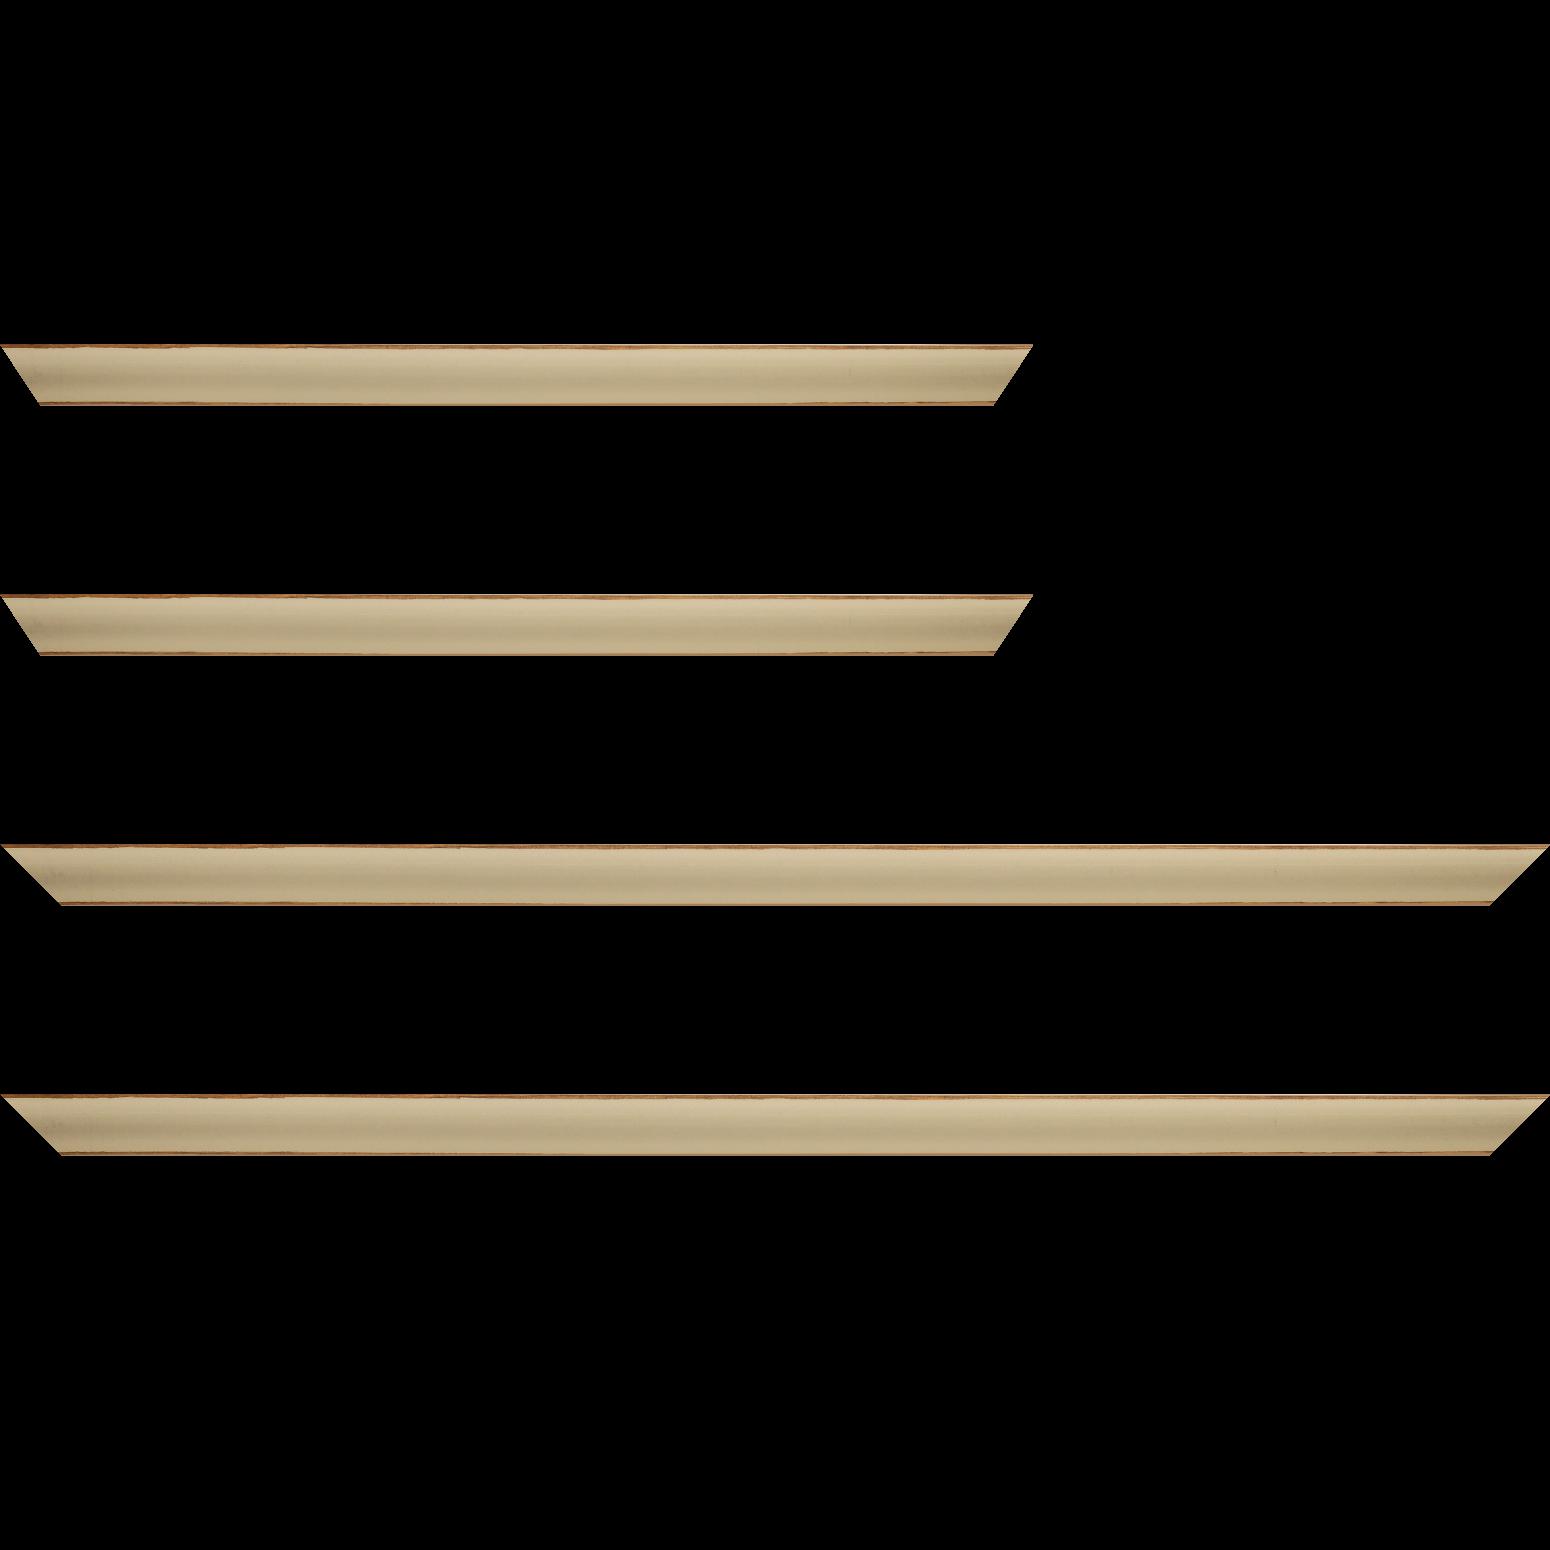 Baguette service précoupé bois profil incurvé largeur 1.9cm couleur moka mat bord ressuyé